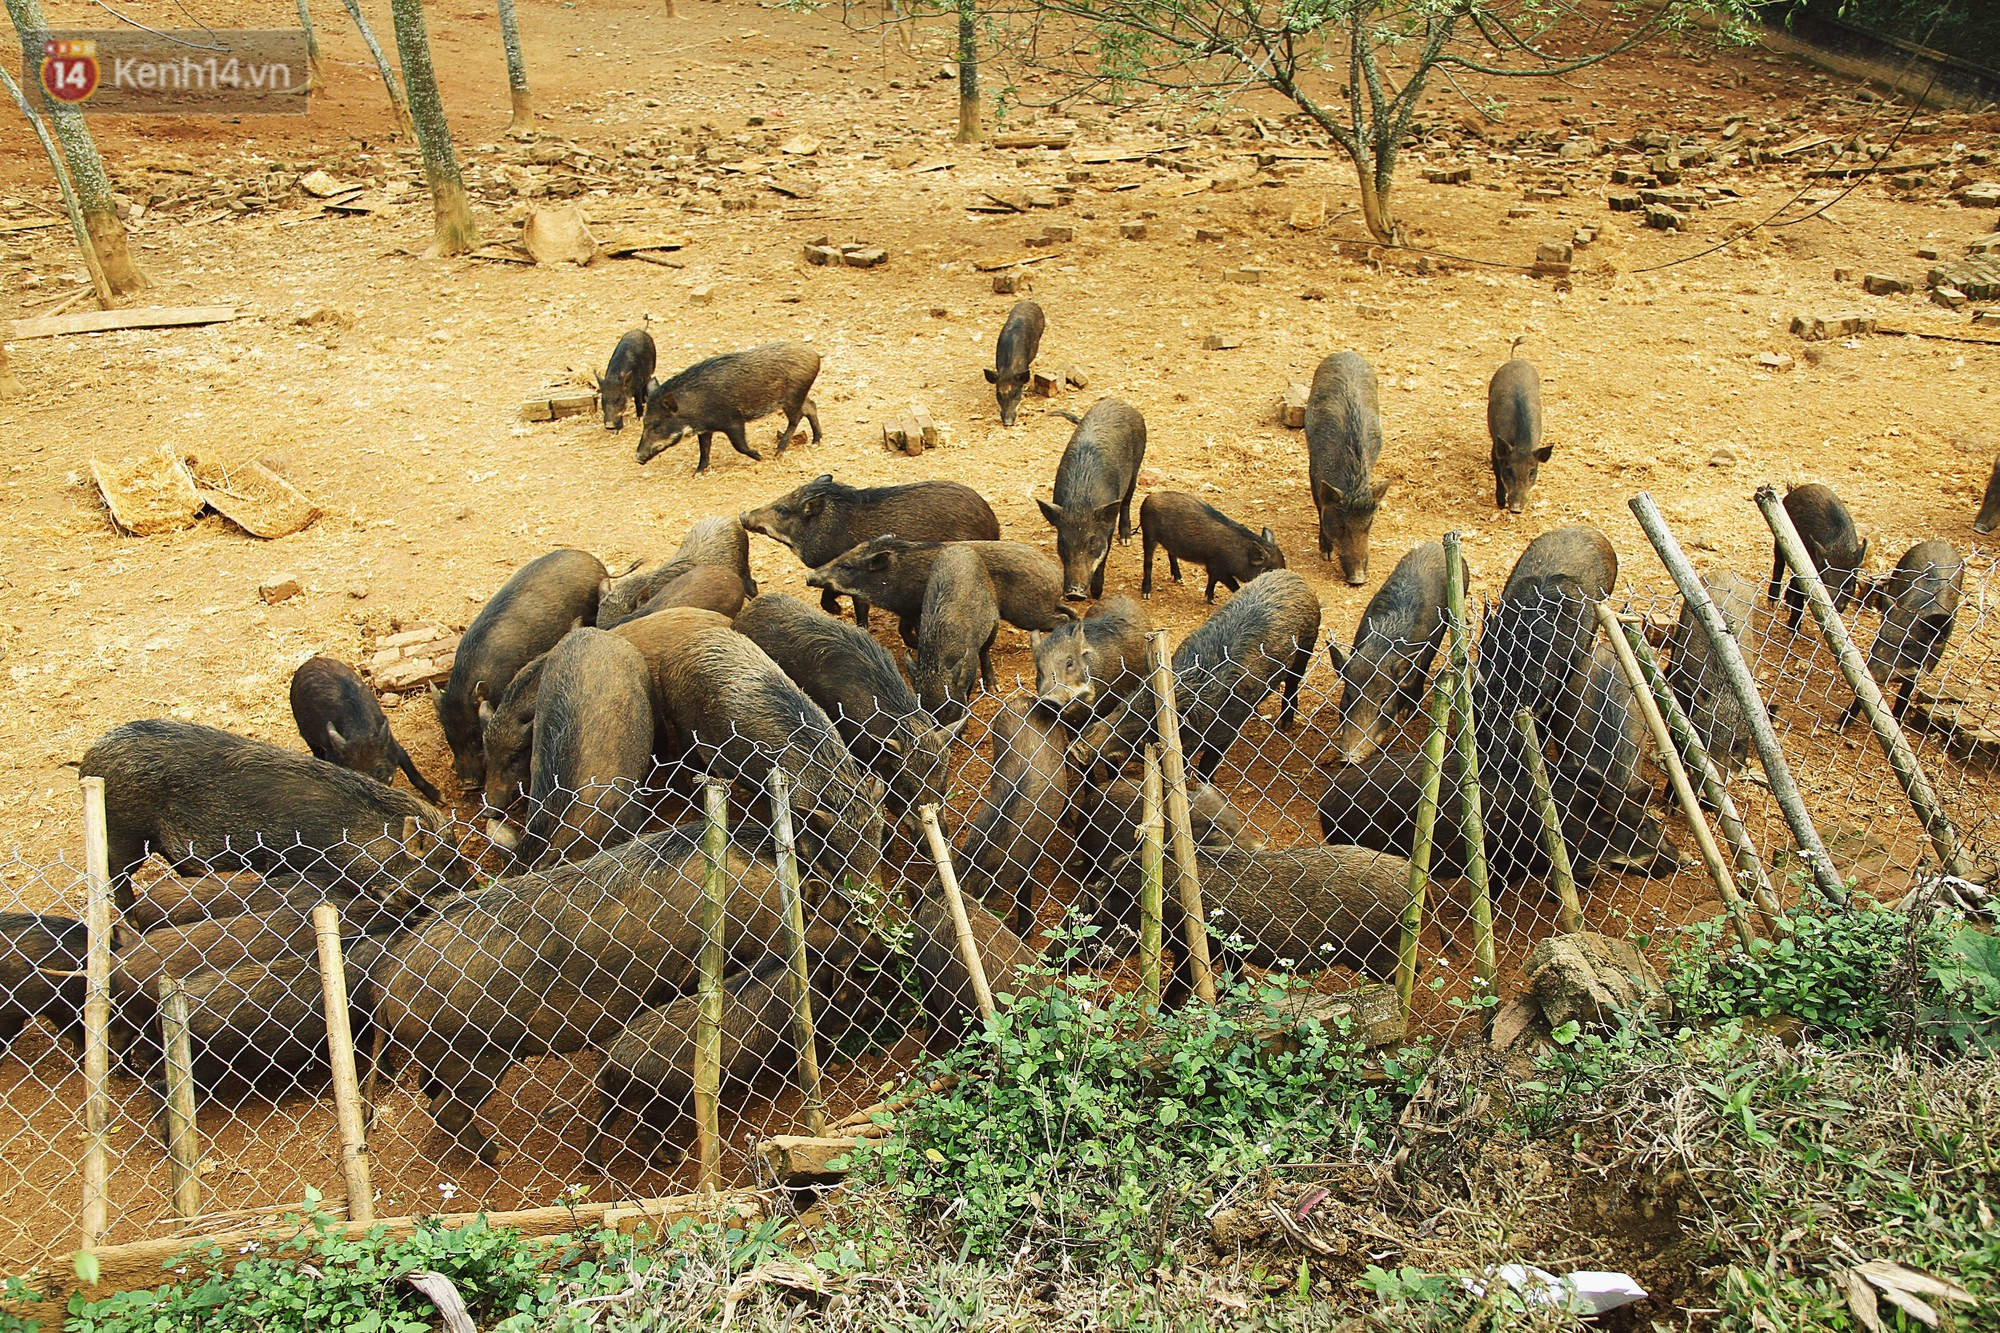 Những chú lợn rừng được thả chạy lông rông hàng ngày.